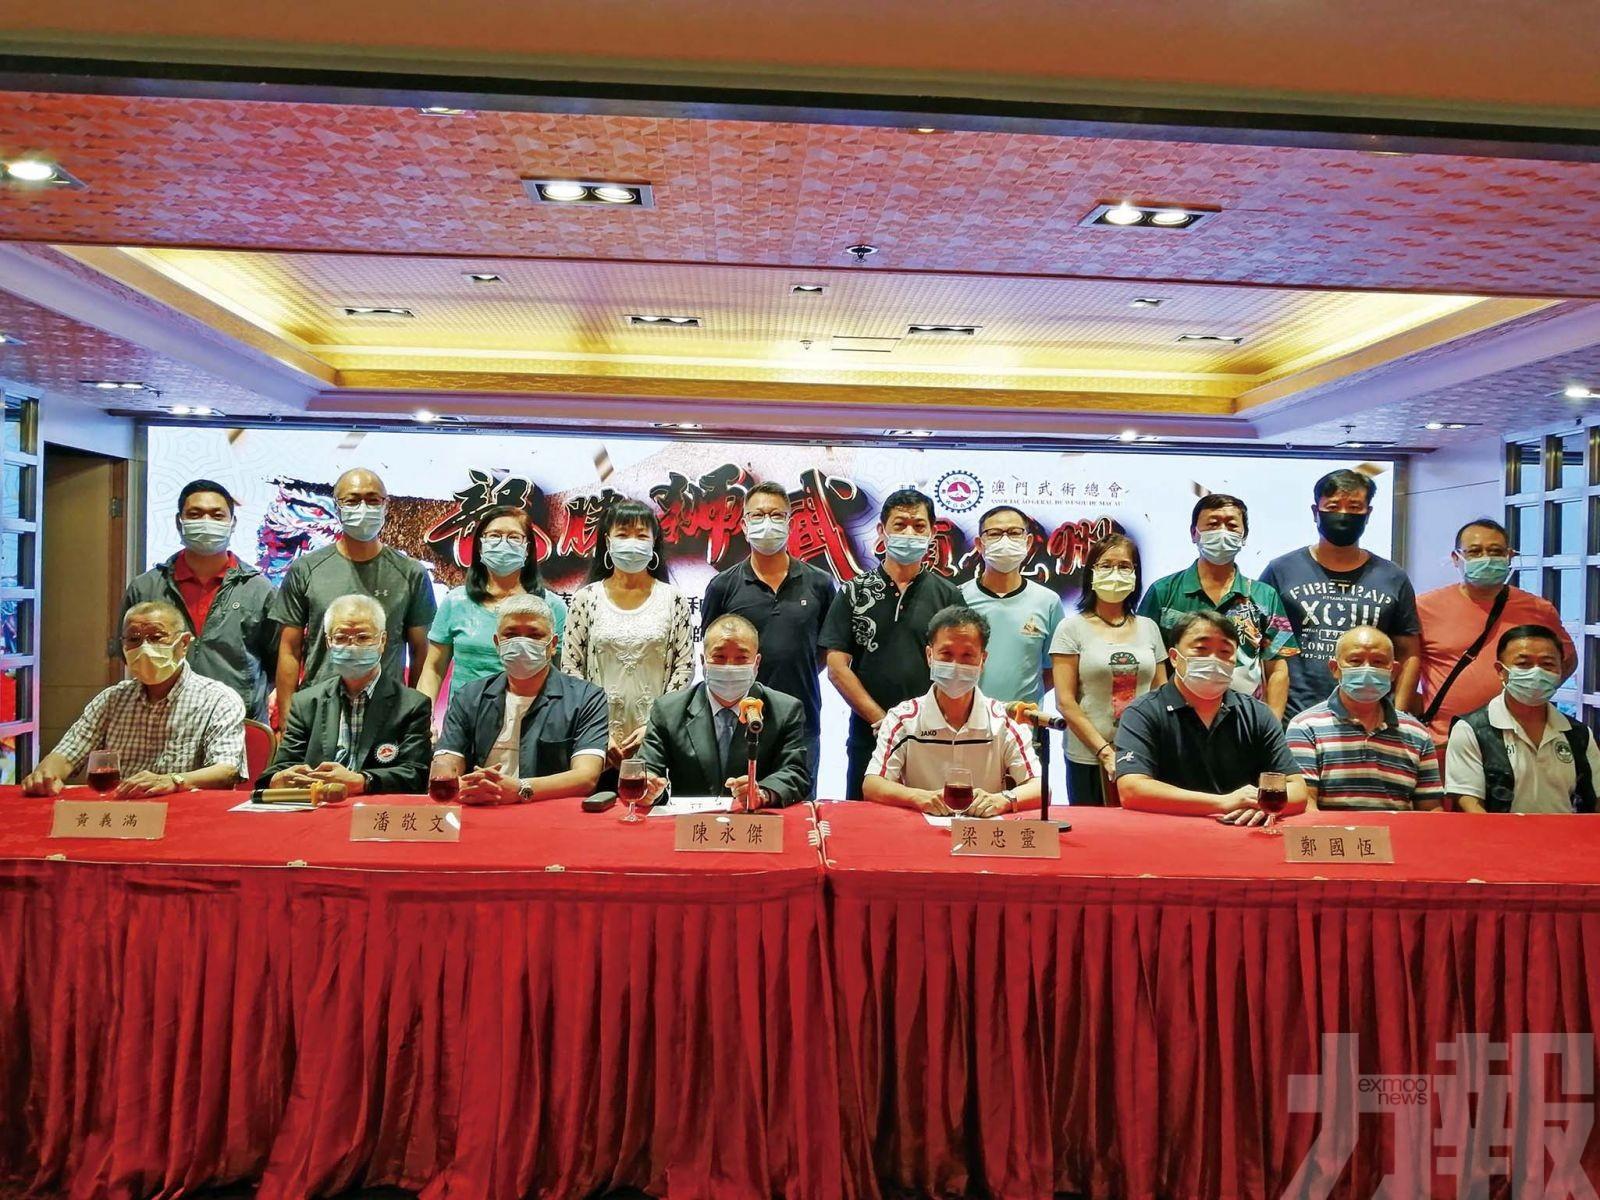 龍騰獅武頌鏡州周日塔石廣場舉行